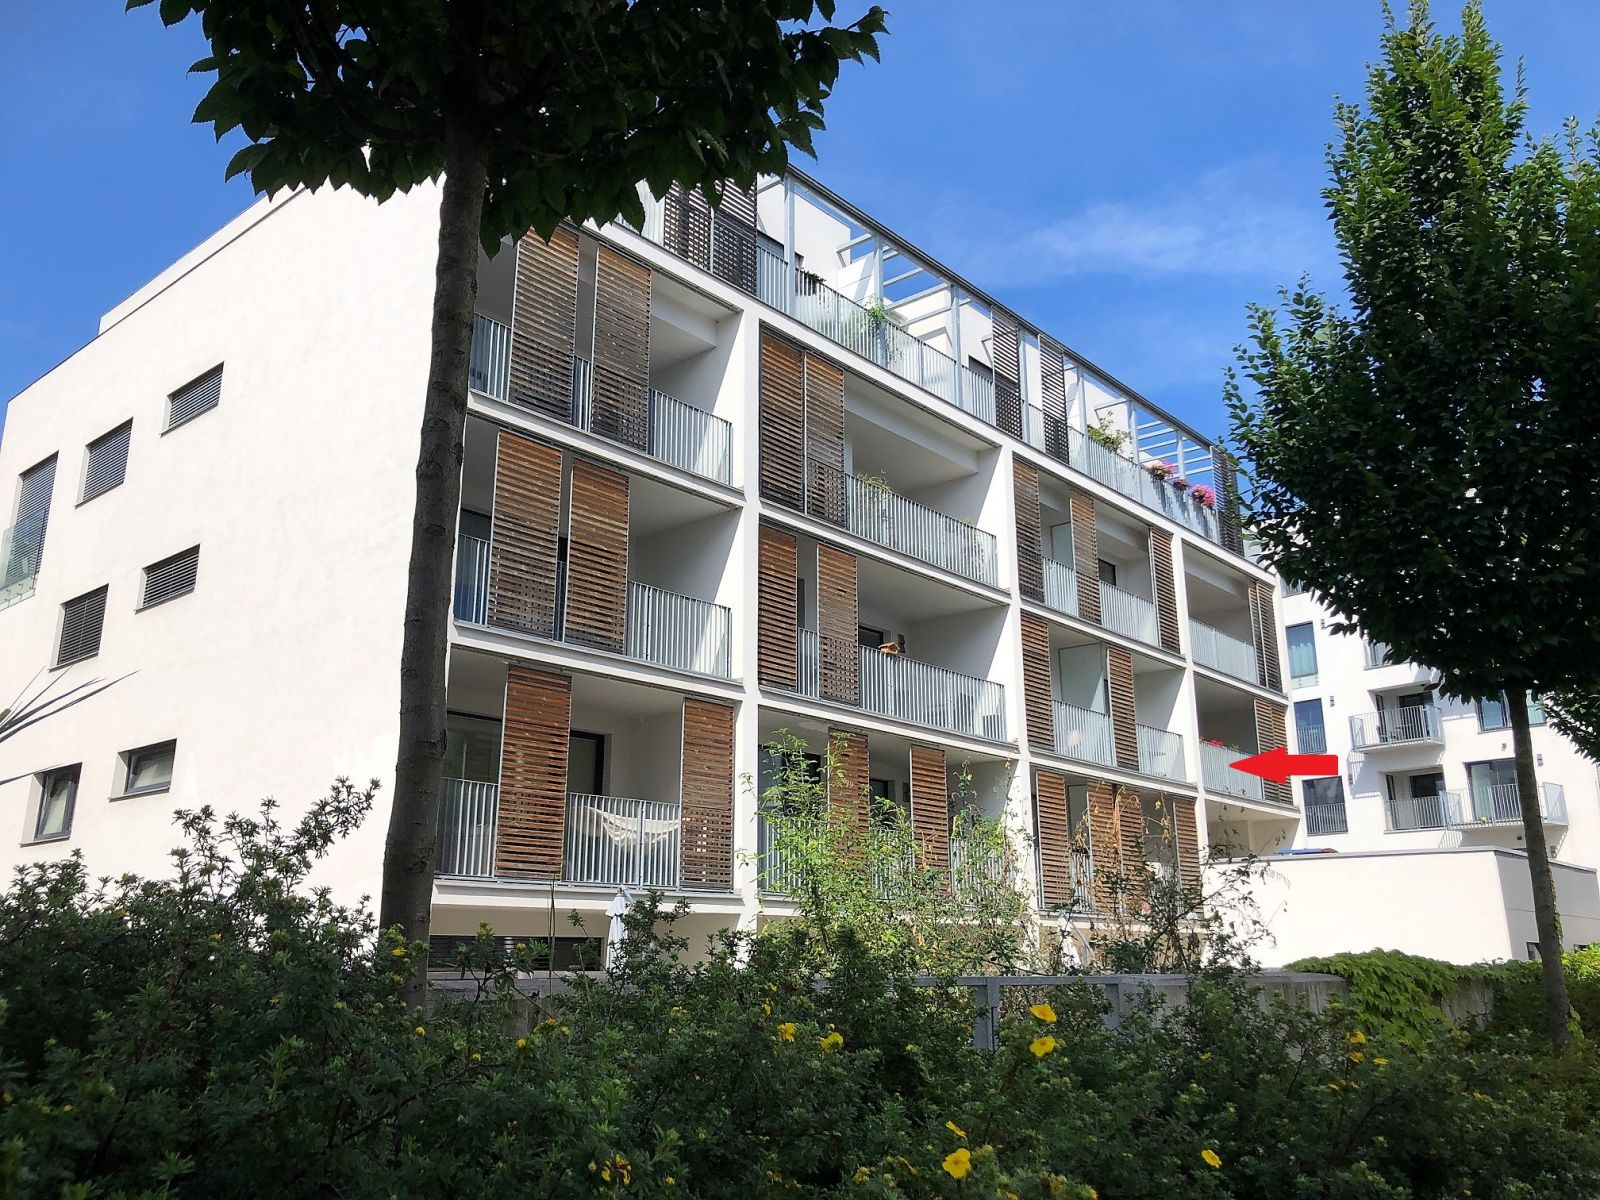 Pronájem  bytu 3+kk s garáží  - Rokycanova ul. Olomouc